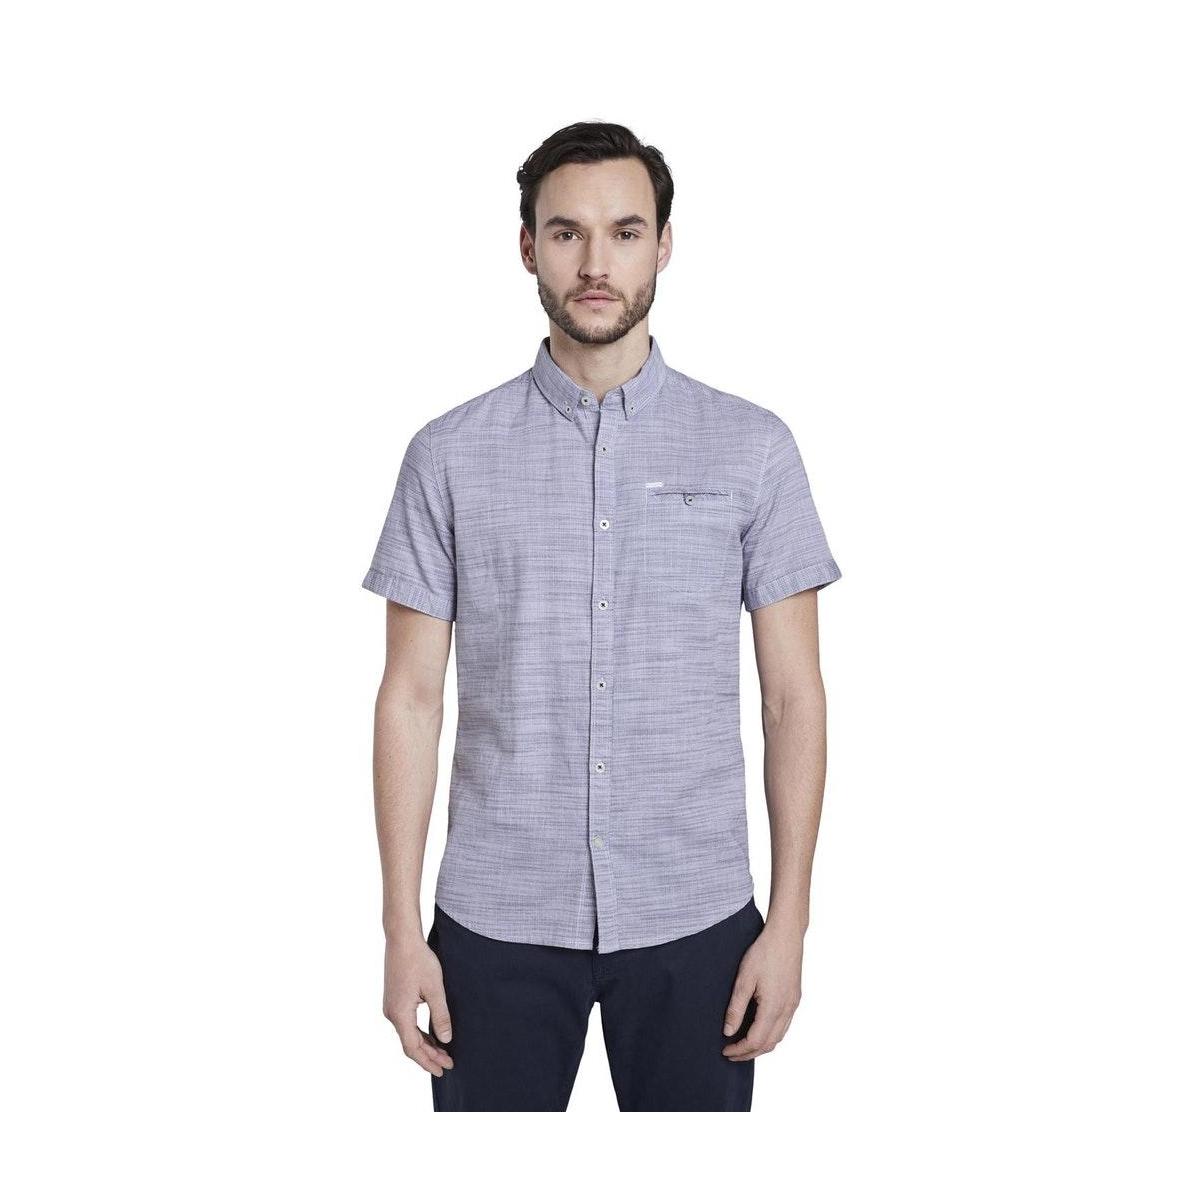 gestructureerd shirt met borstzak 1018638xx10 tom tailor overhemd 22613